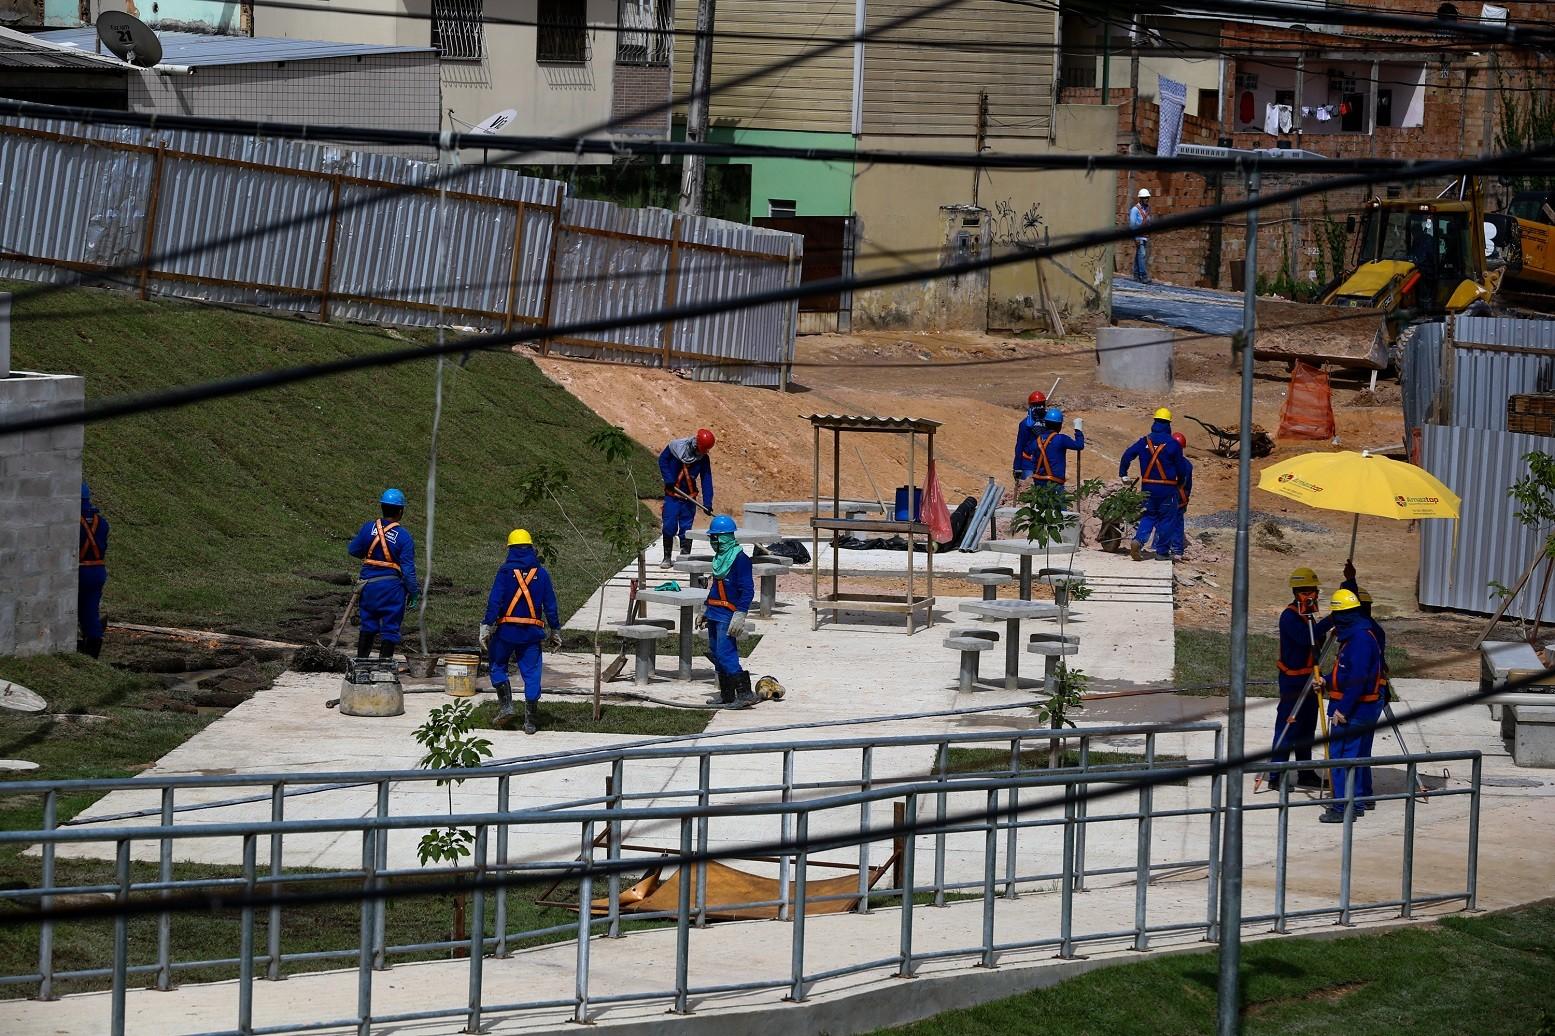 Rua do bairro São Raimundo ficará interditada até abril para obras do Prosamim, diz prefeitura de Manaus